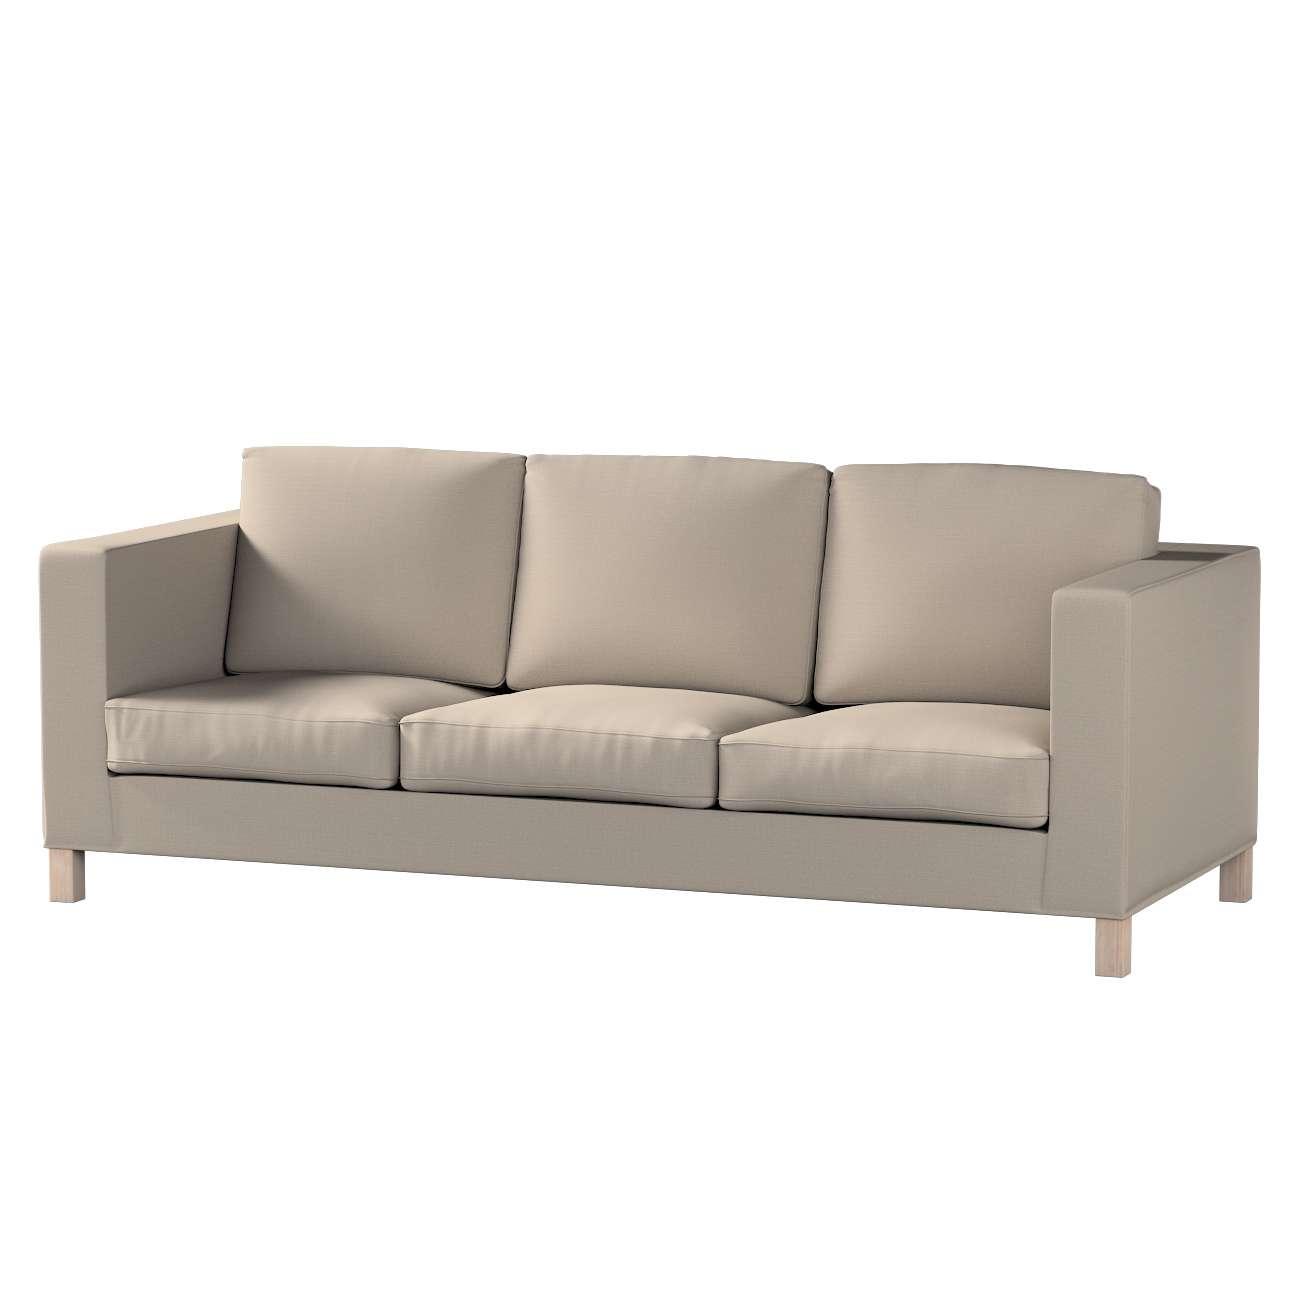 Karlanda klädsel <br>3-sits soffa - kort klädsel i kollektionen Living, Tyg: 161-53